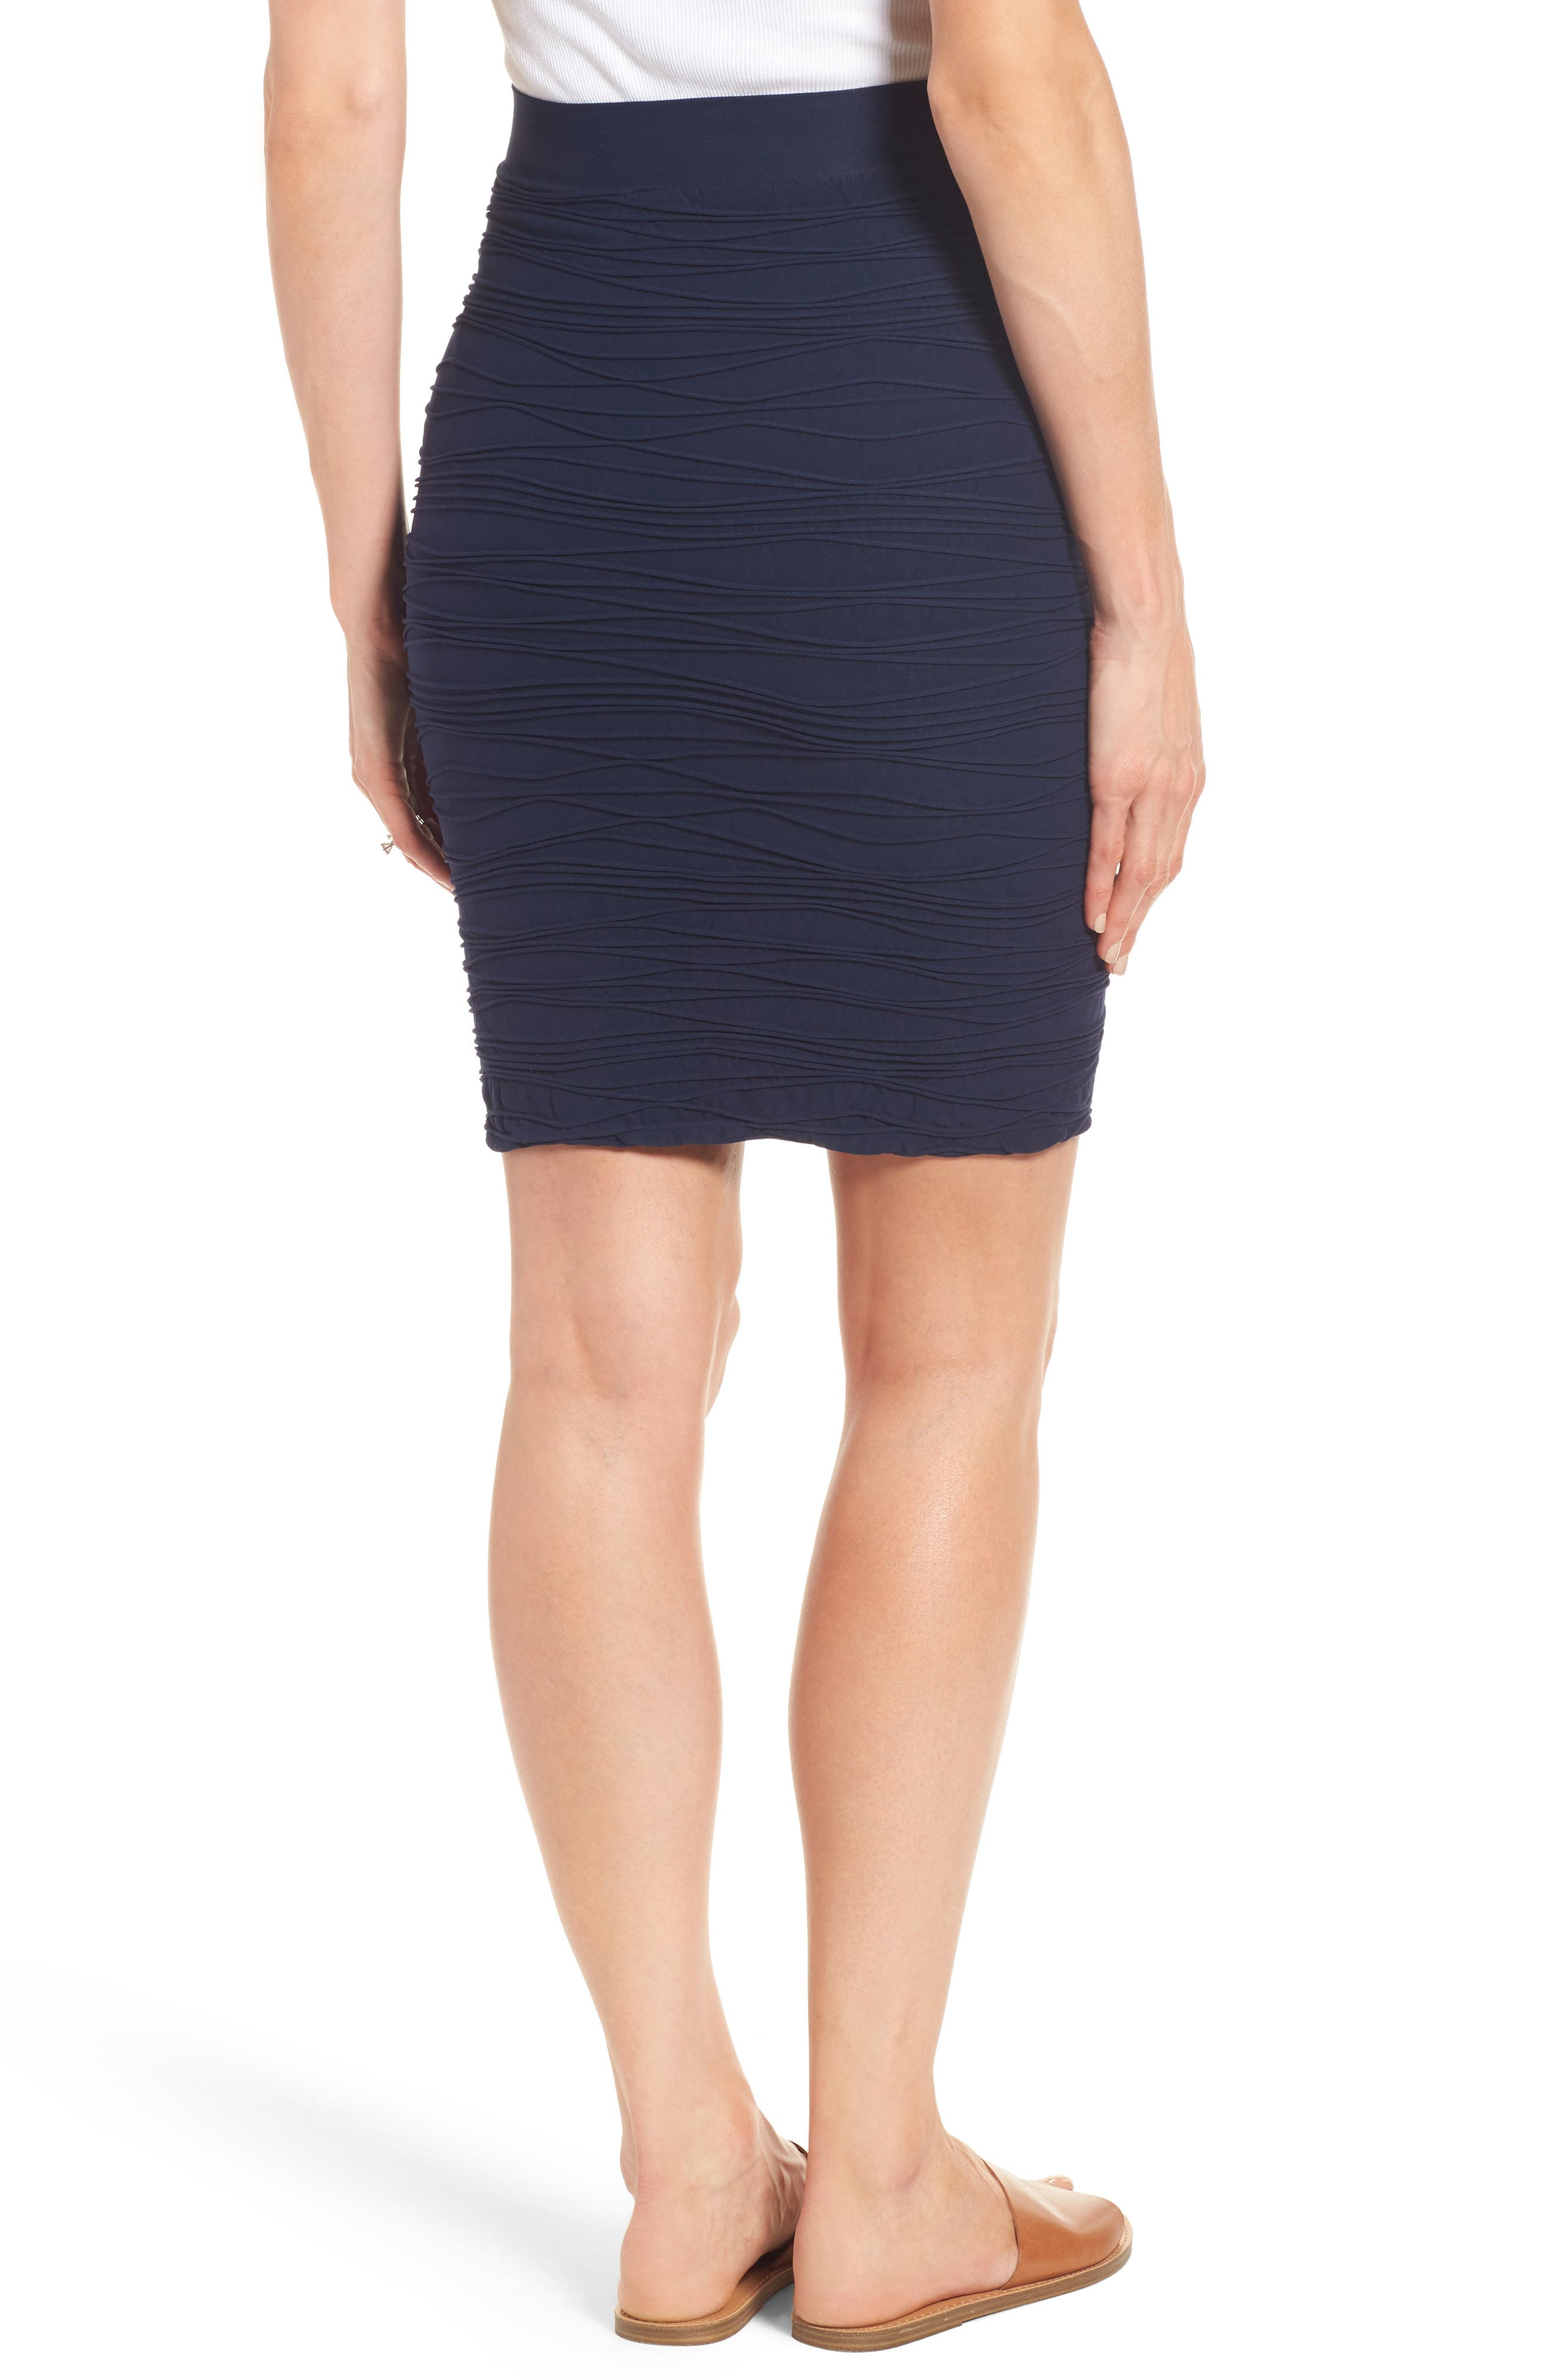 'Line' Maternity Skirt,                             Alternate thumbnail 2, color,                             002